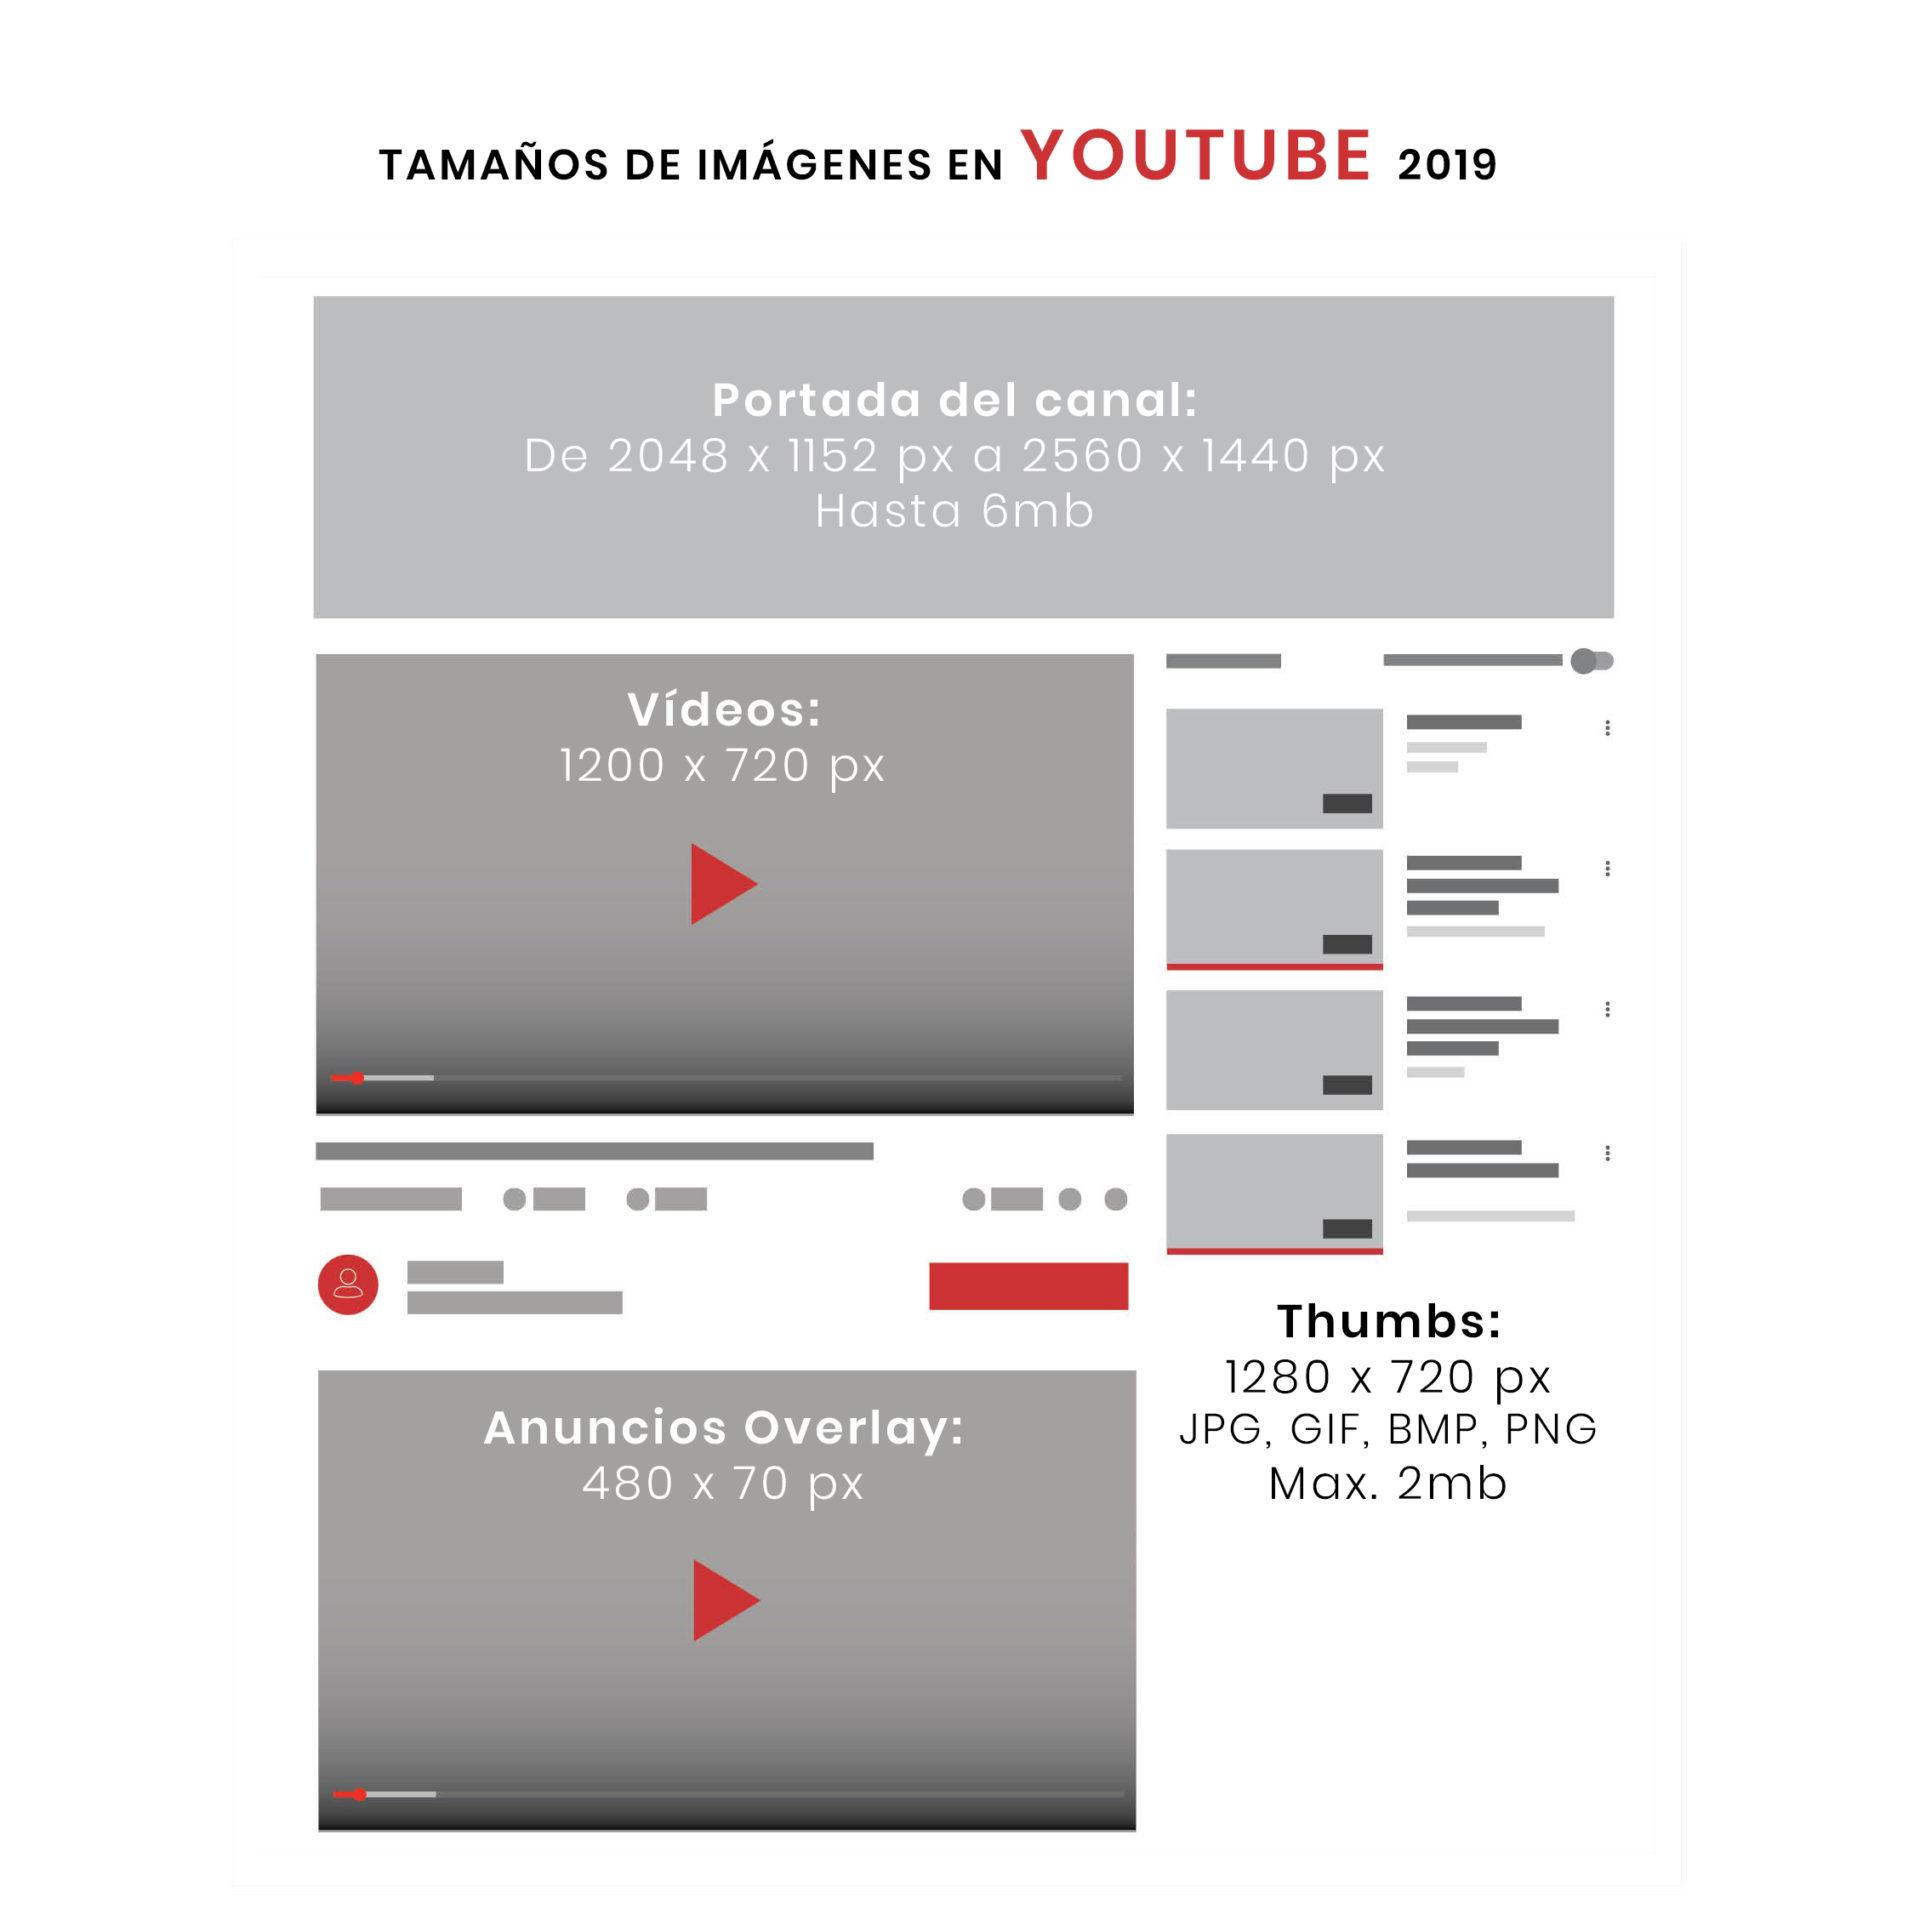 Tamaño en YouTube 2019